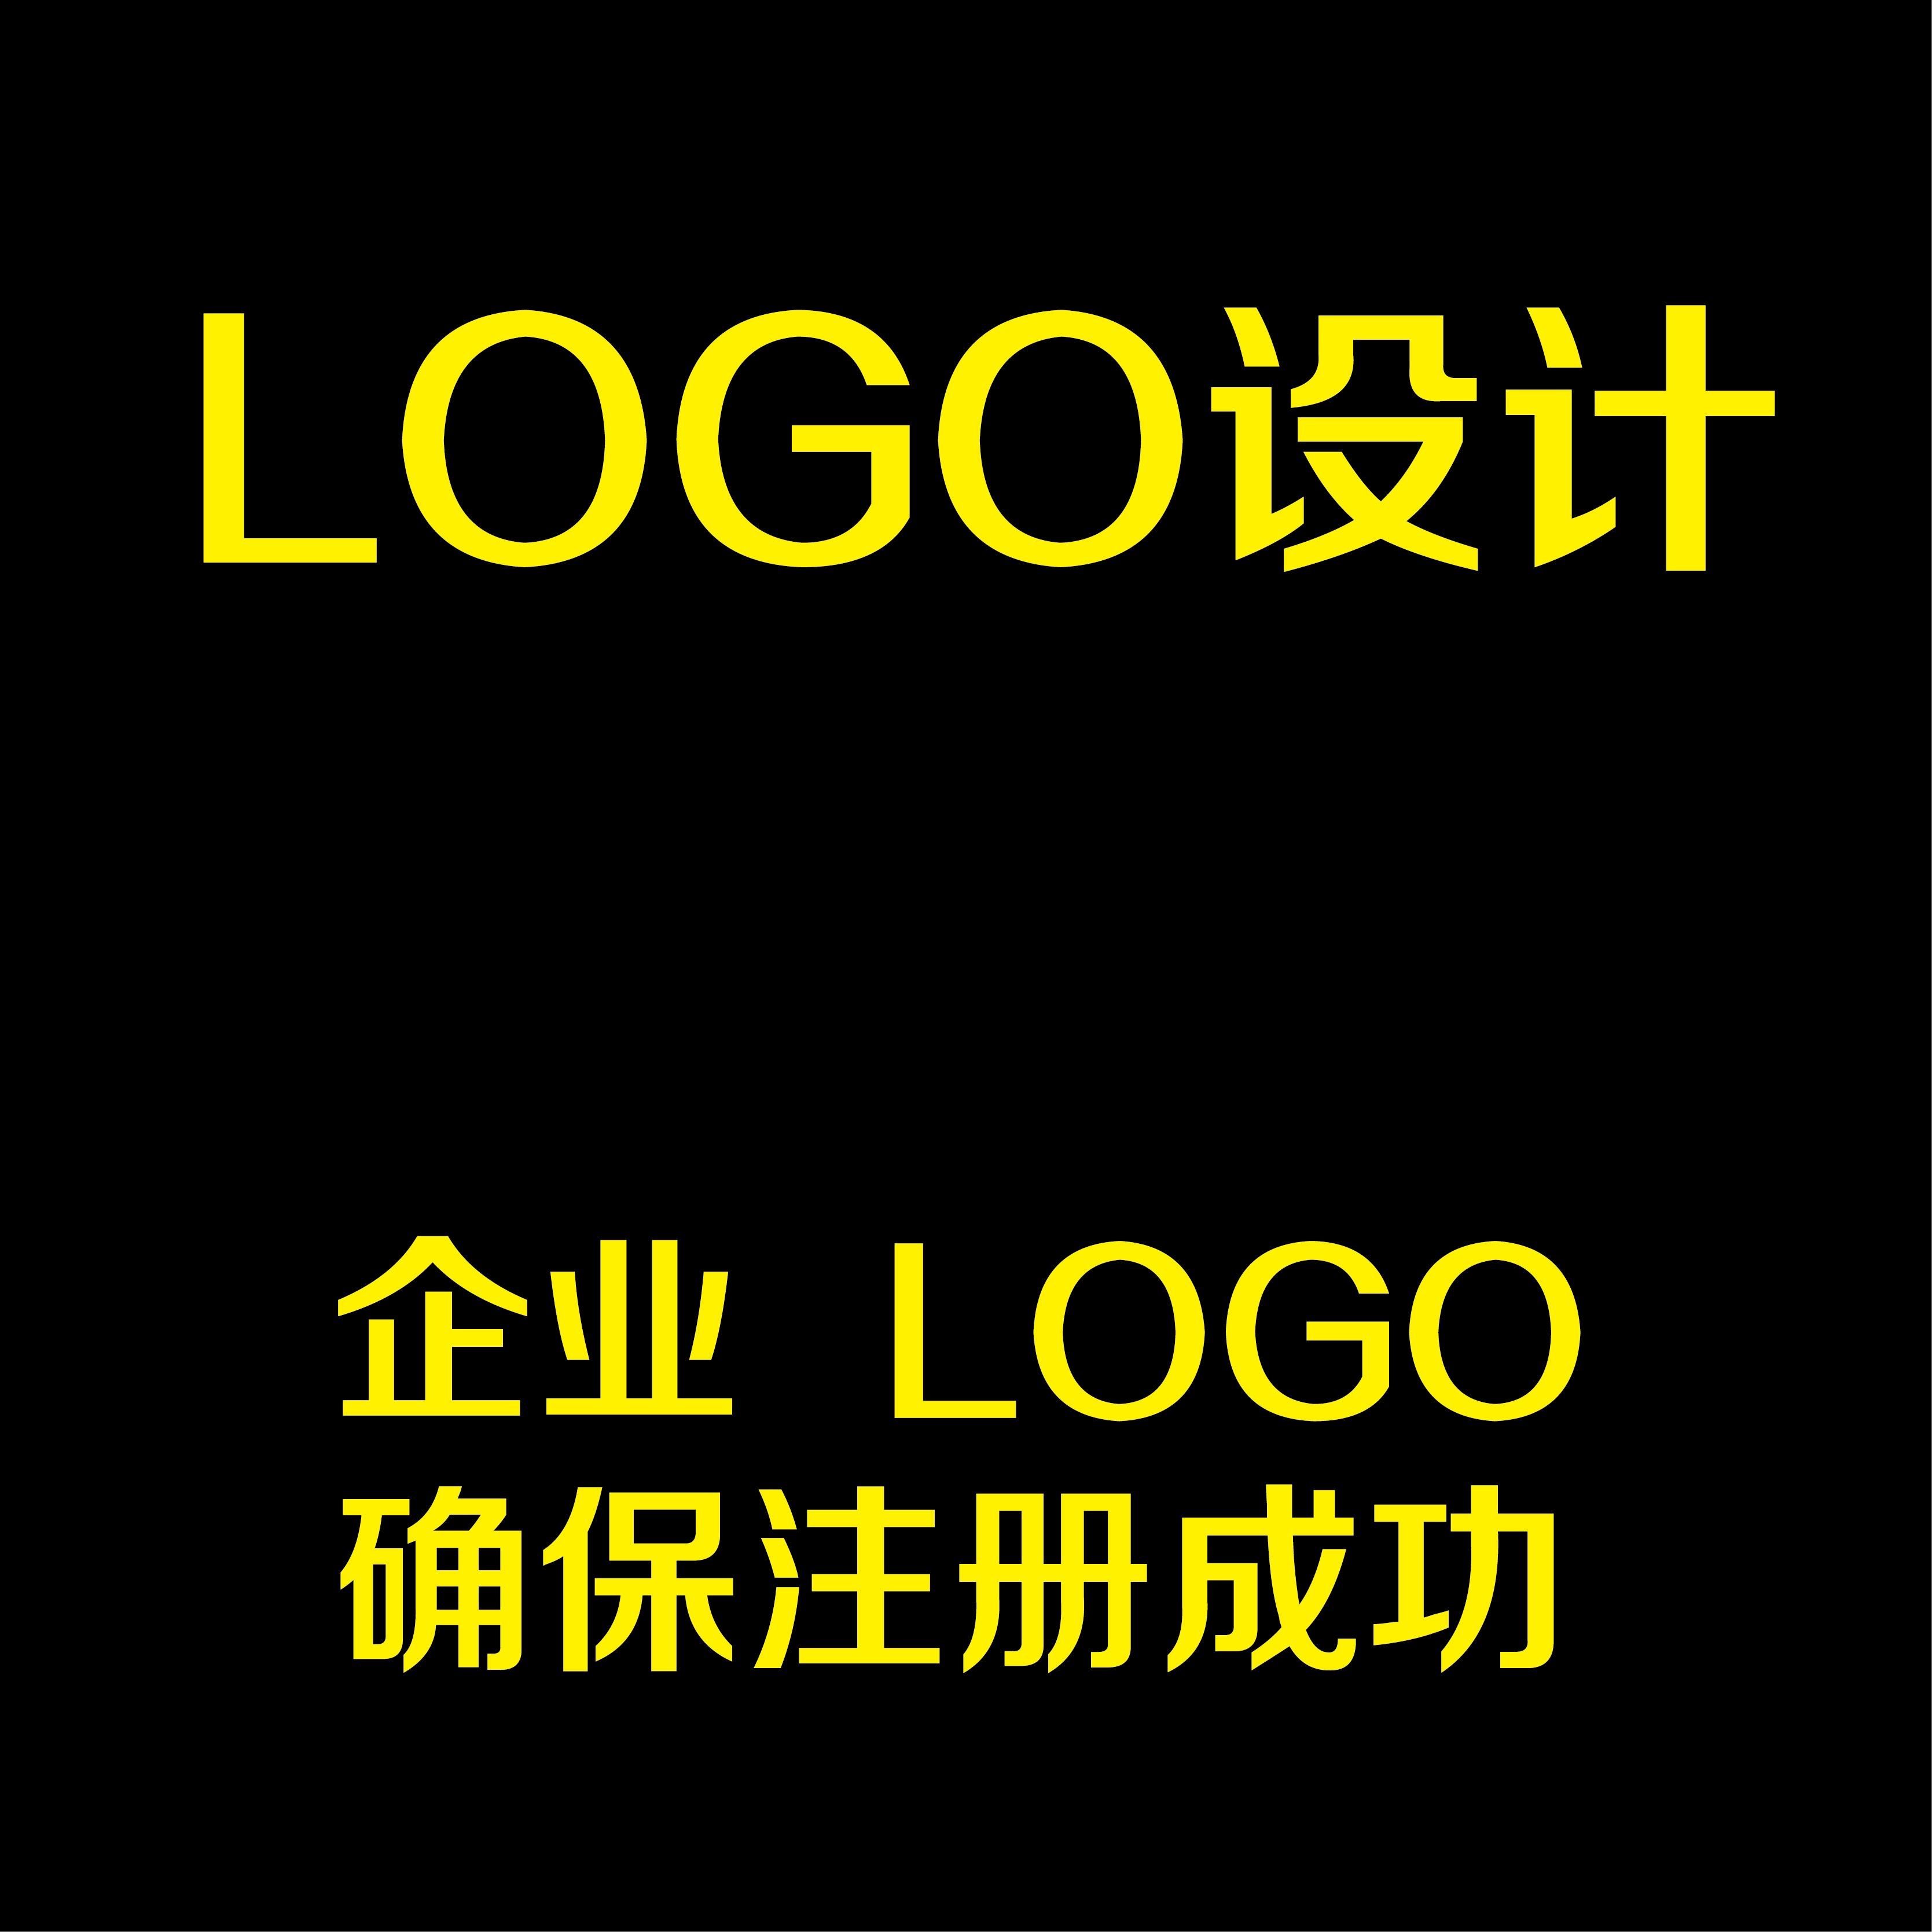 公司品牌初创型发展型稳定型成熟型企业LOGO诊断设计初稿方